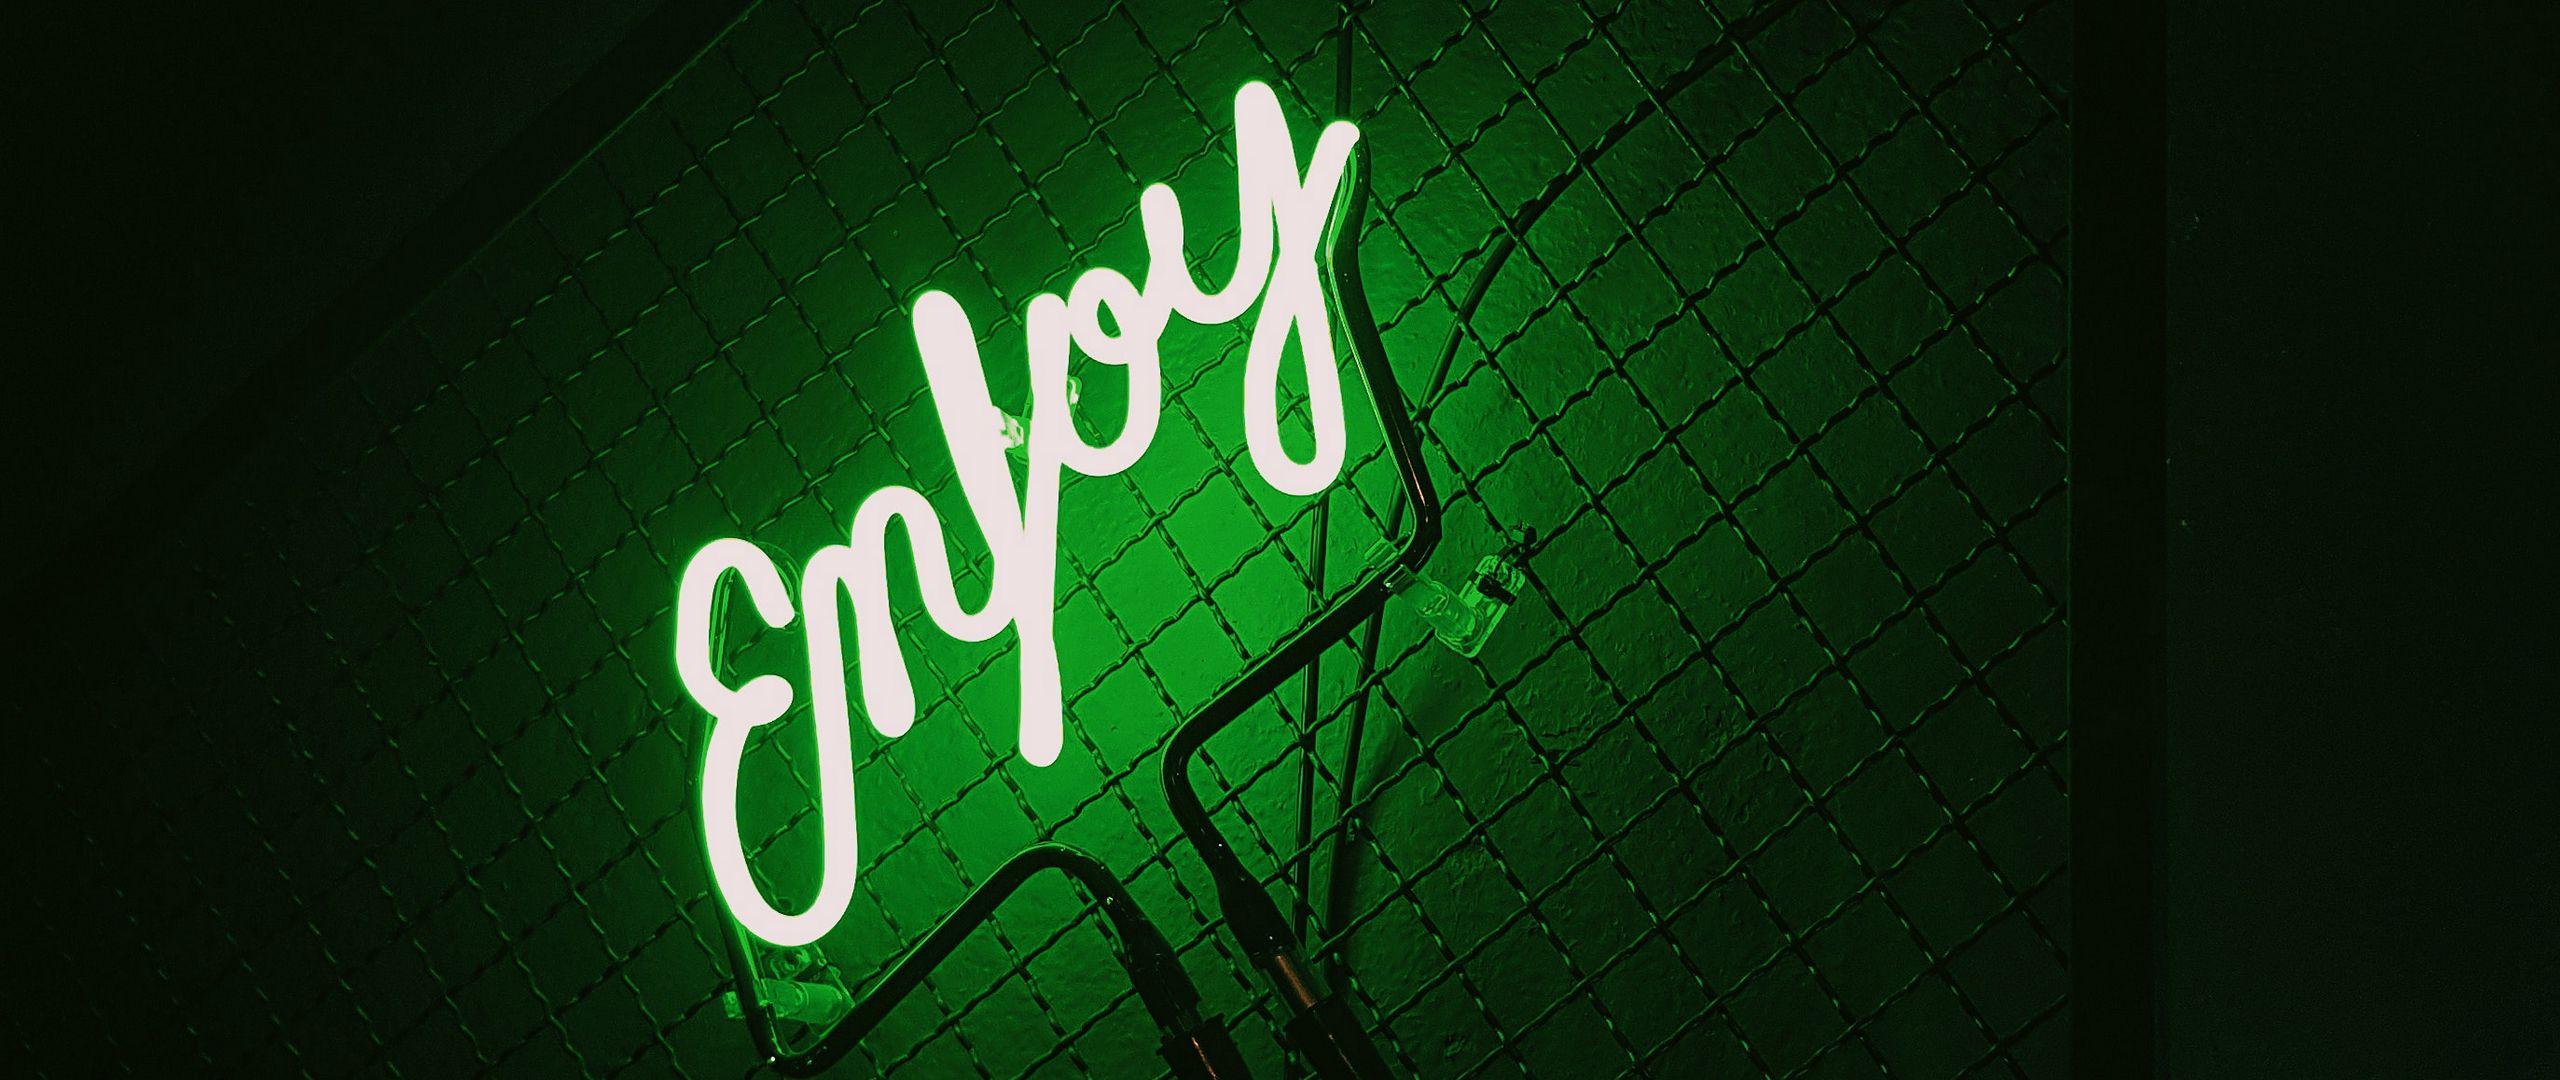 2560x1080 Wallpaper inscription, neon, backlight, green, dark